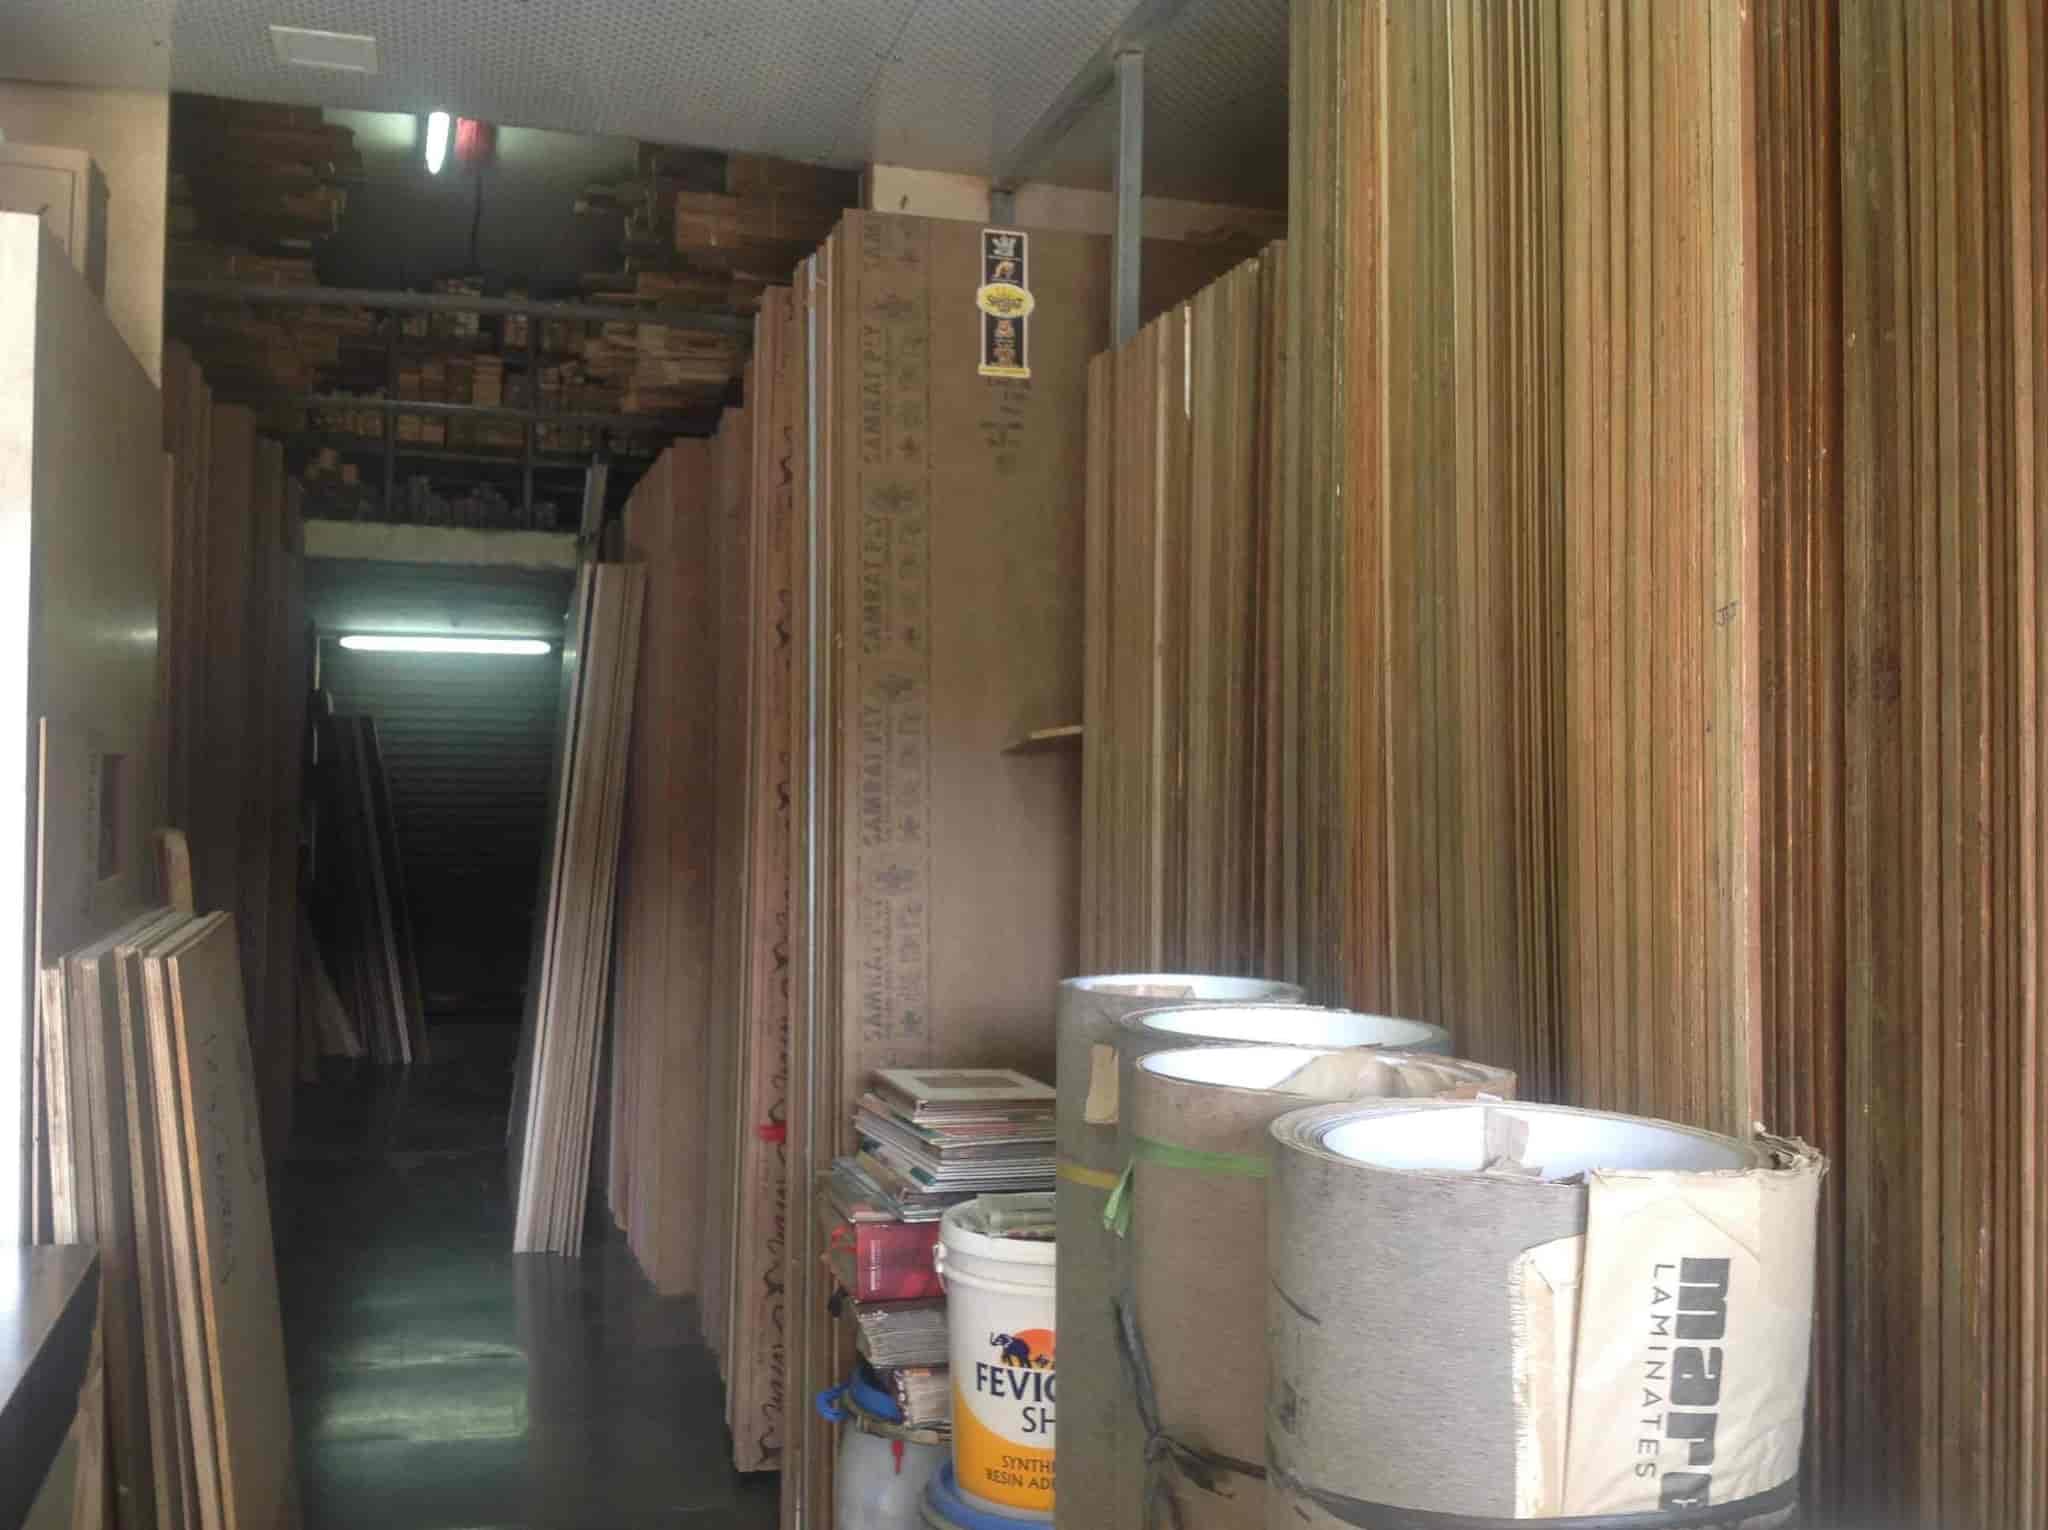 Man-mandir Plywood Photos, Kandivali East, Mumbai- Pictures & Images